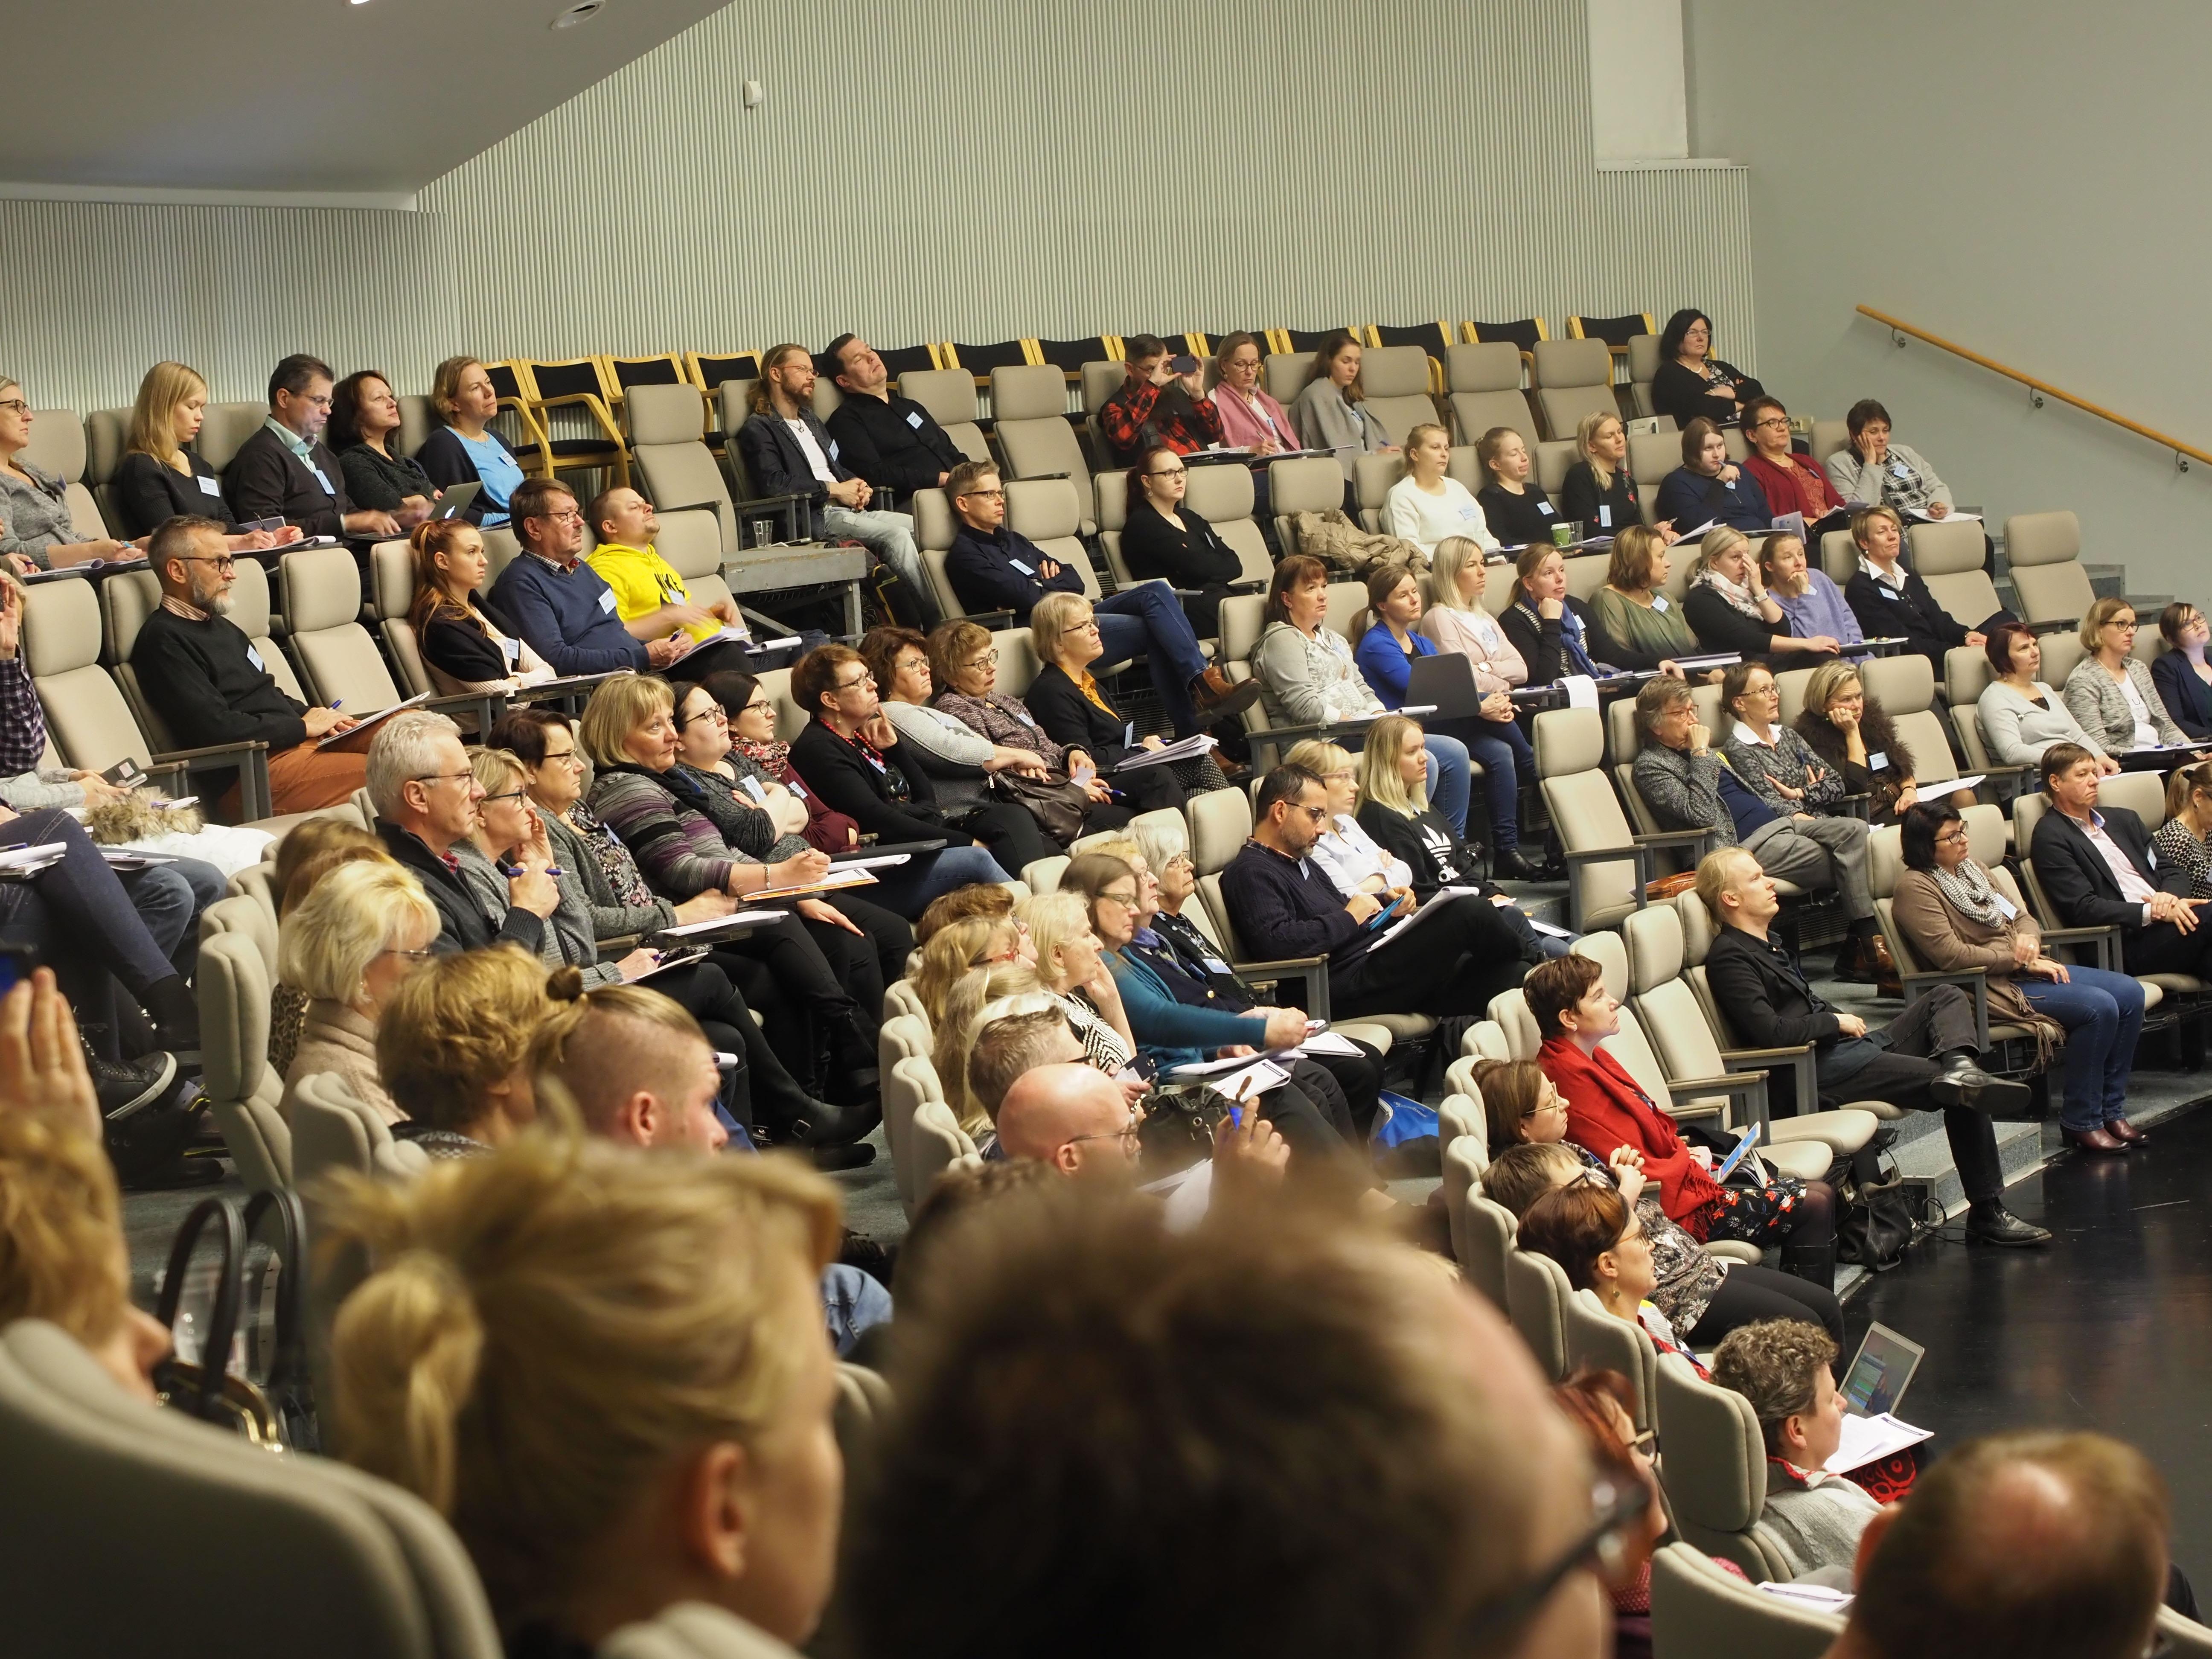 Åhörare i ett auditorium.